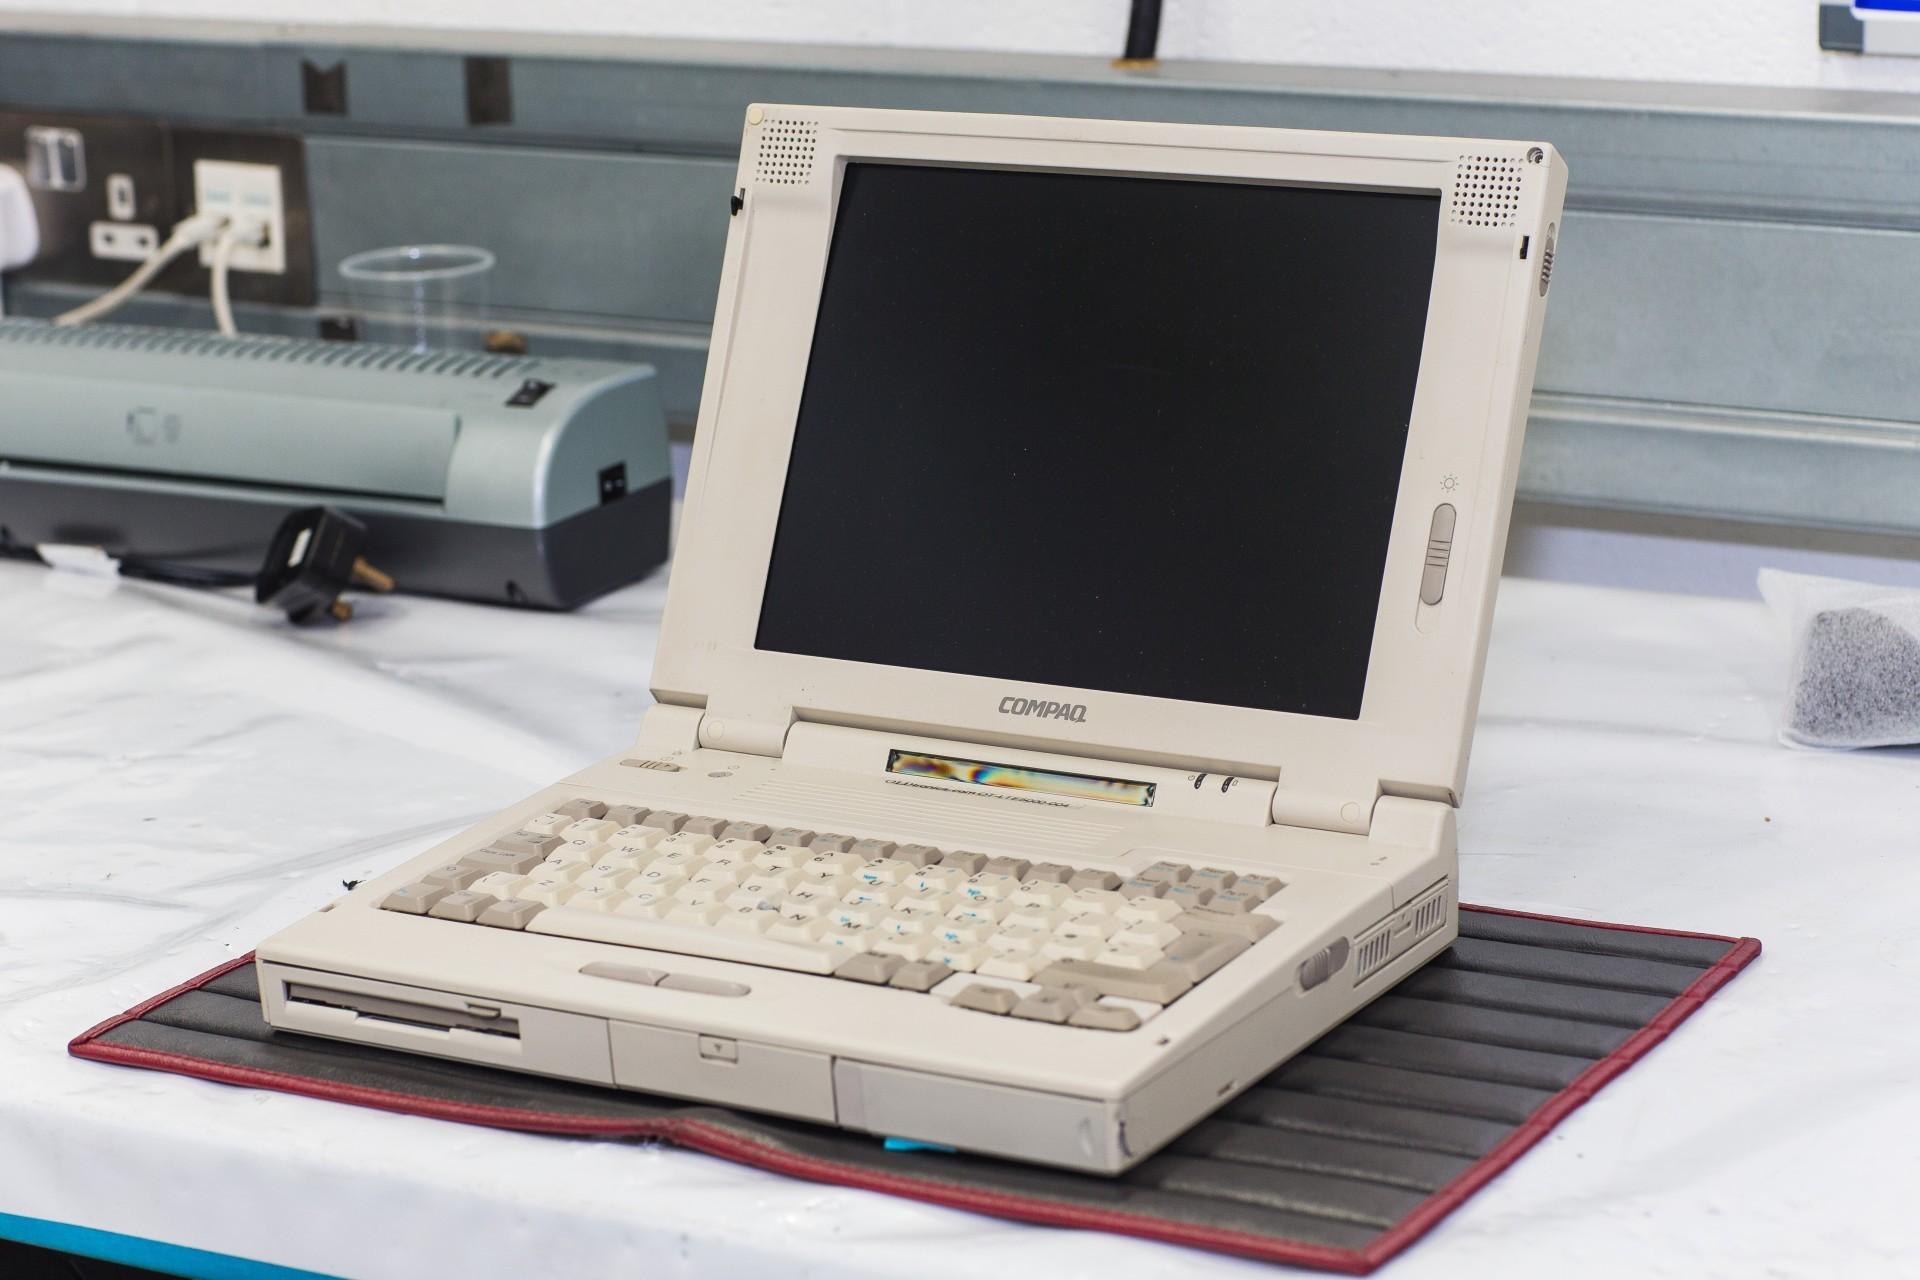 Древний ноутбук Compaq — единственный ключ к суперкару McLaren F1 - 1